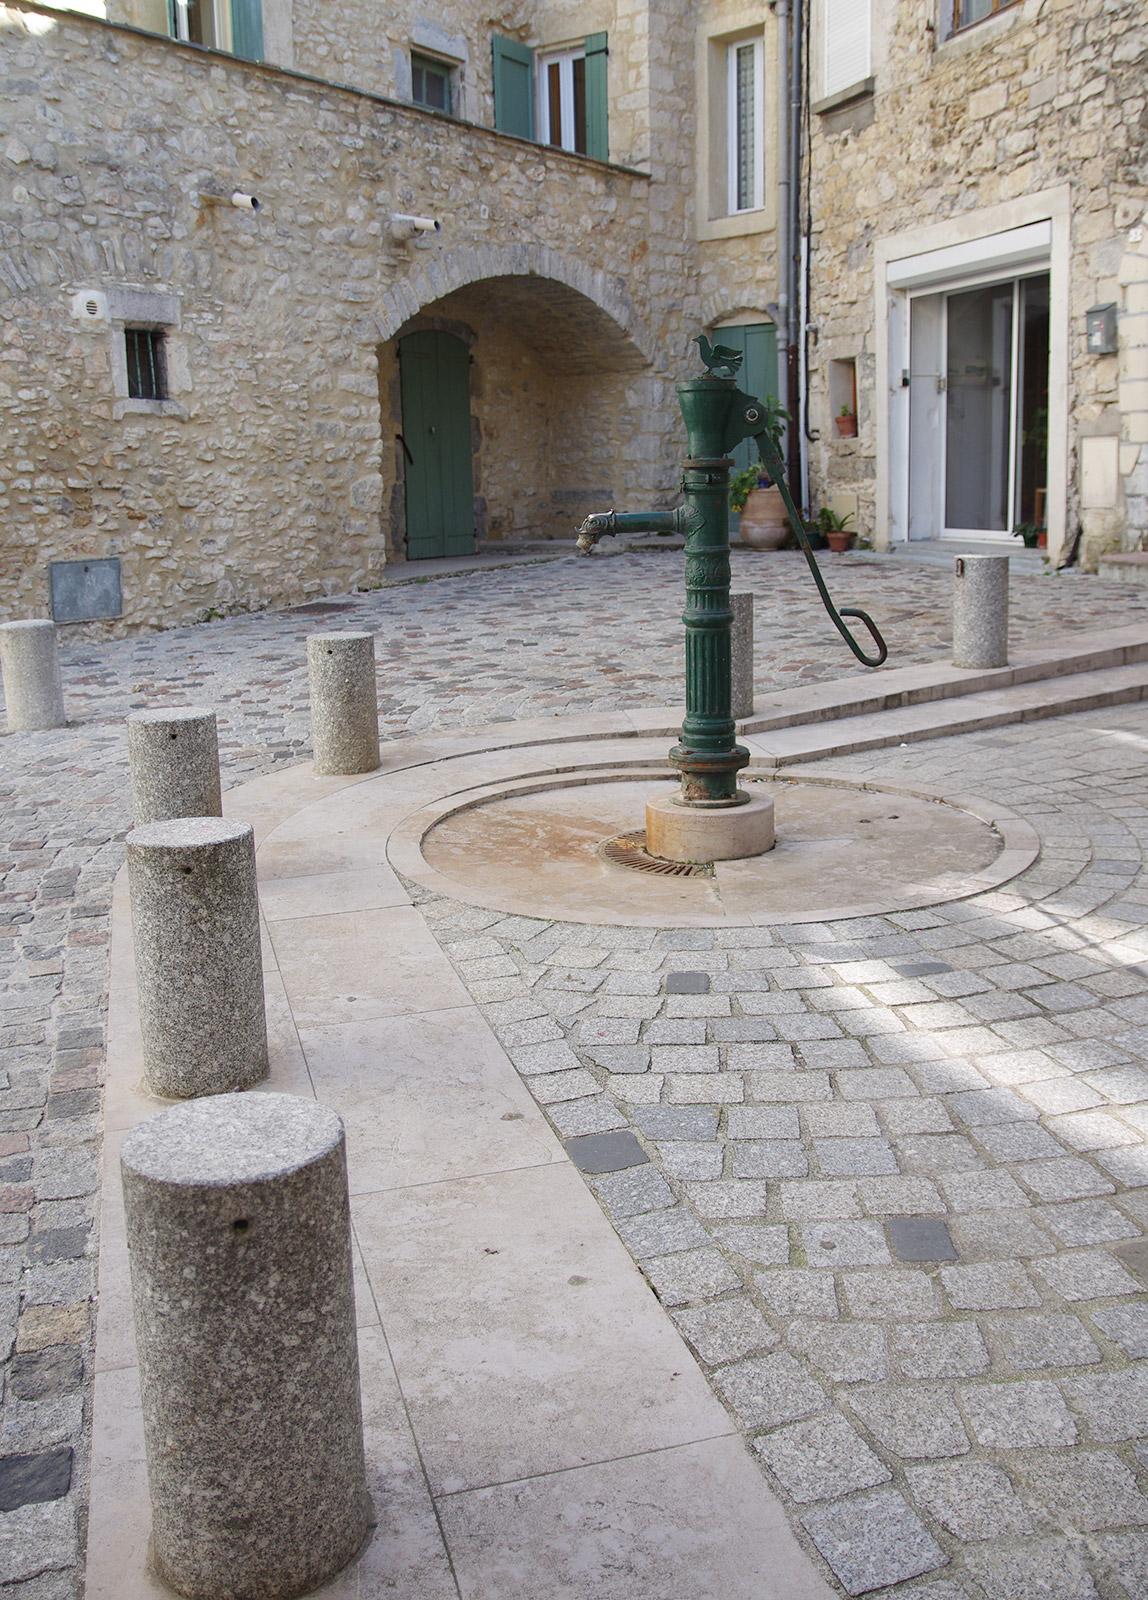 Notre hôtel est situé à Quissac, au cœur du Gard et aux pieds des Cévennes